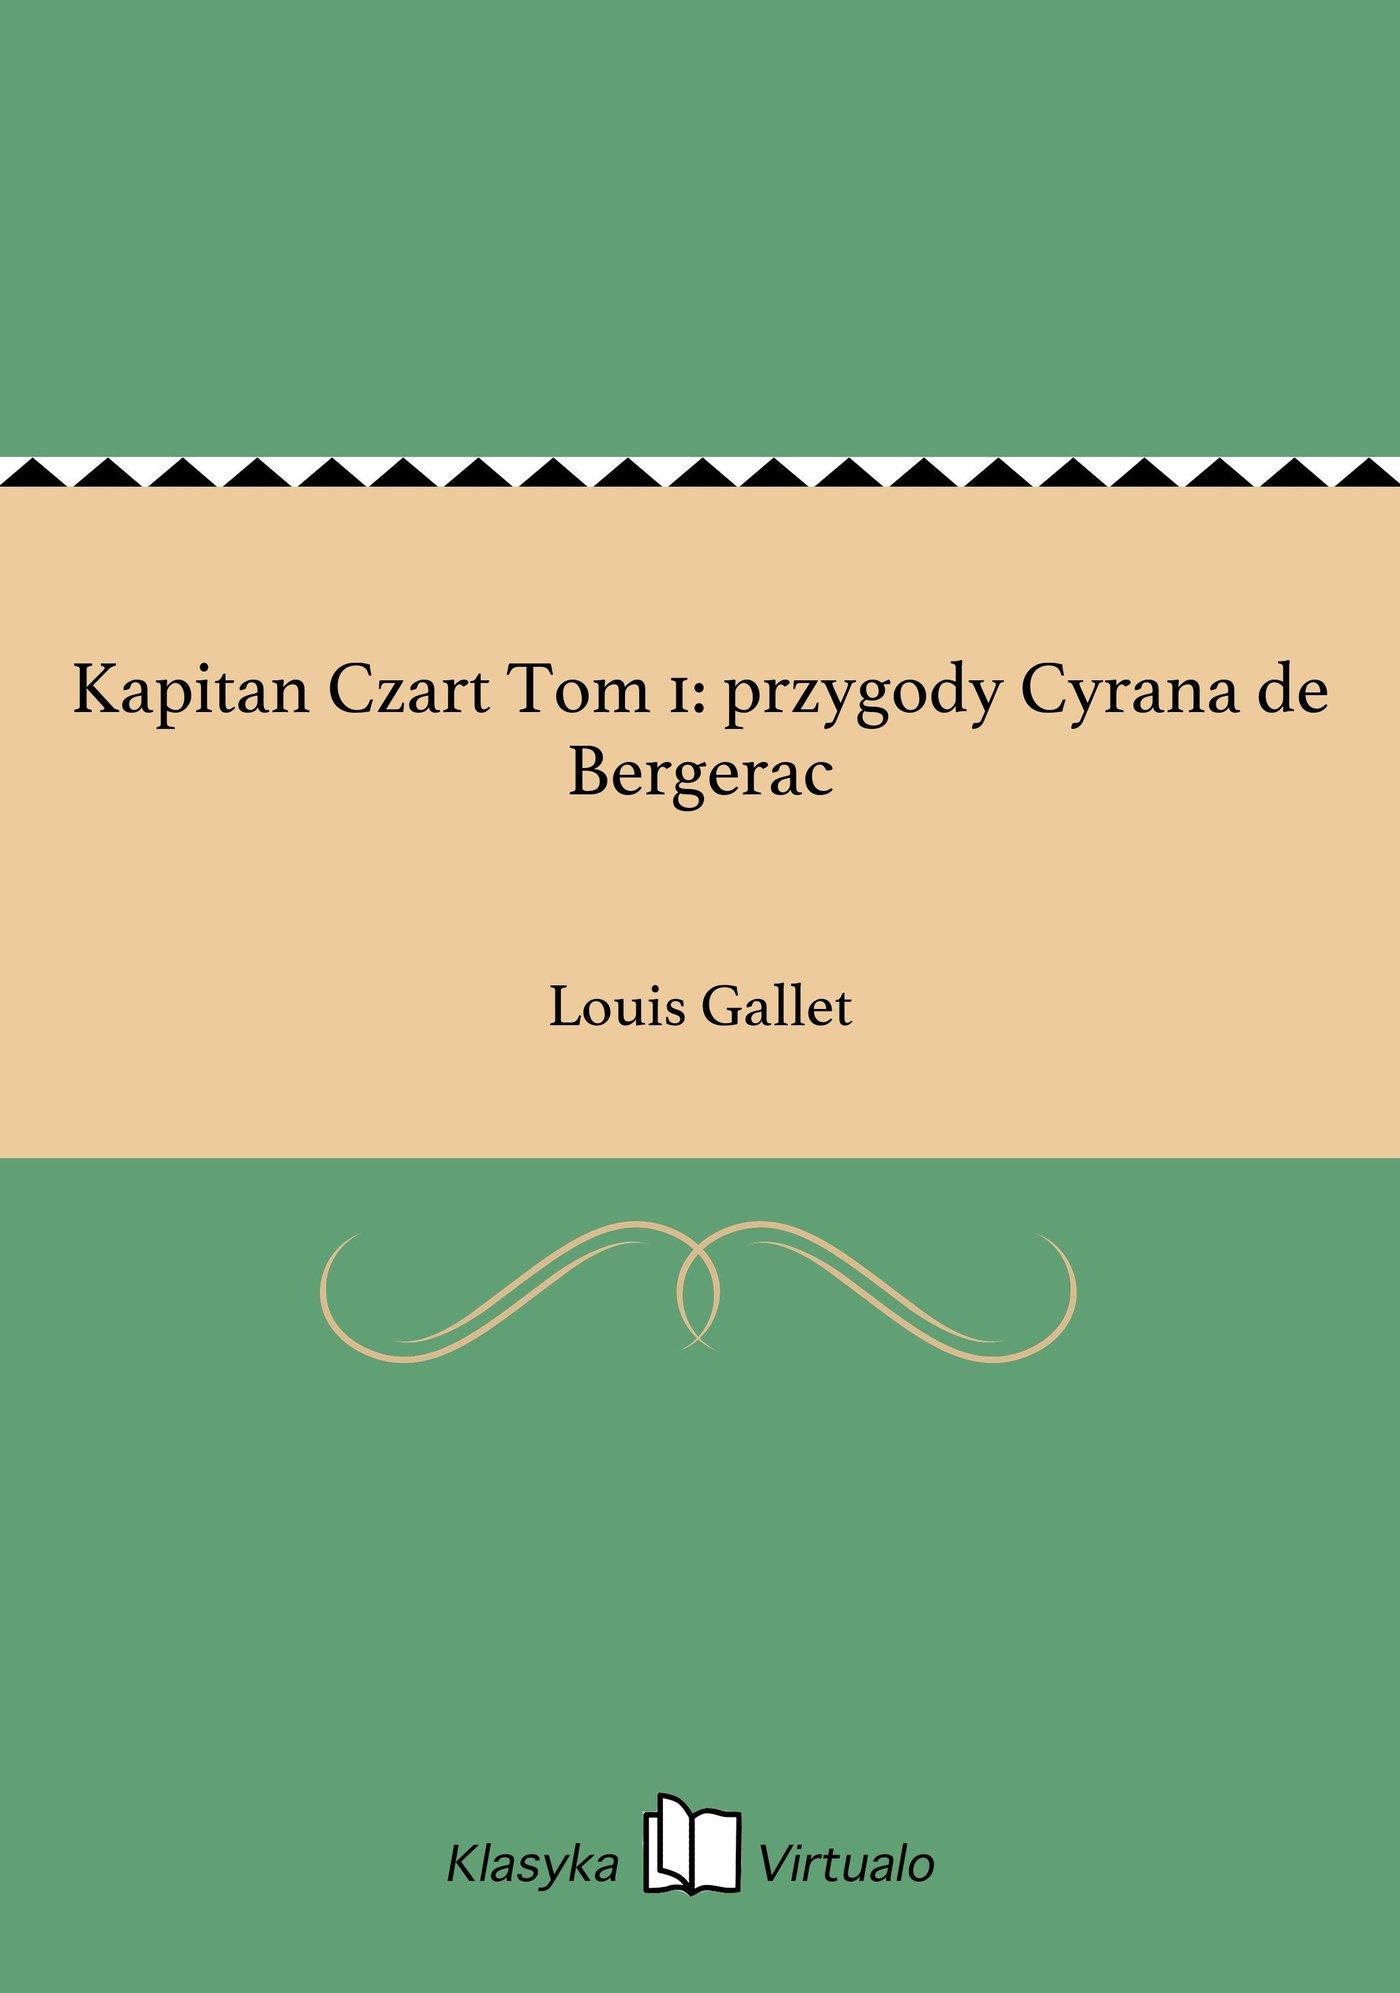 Kapitan Czart Tom 1: przygody Cyrana de Bergerac - Ebook (Książka EPUB) do pobrania w formacie EPUB